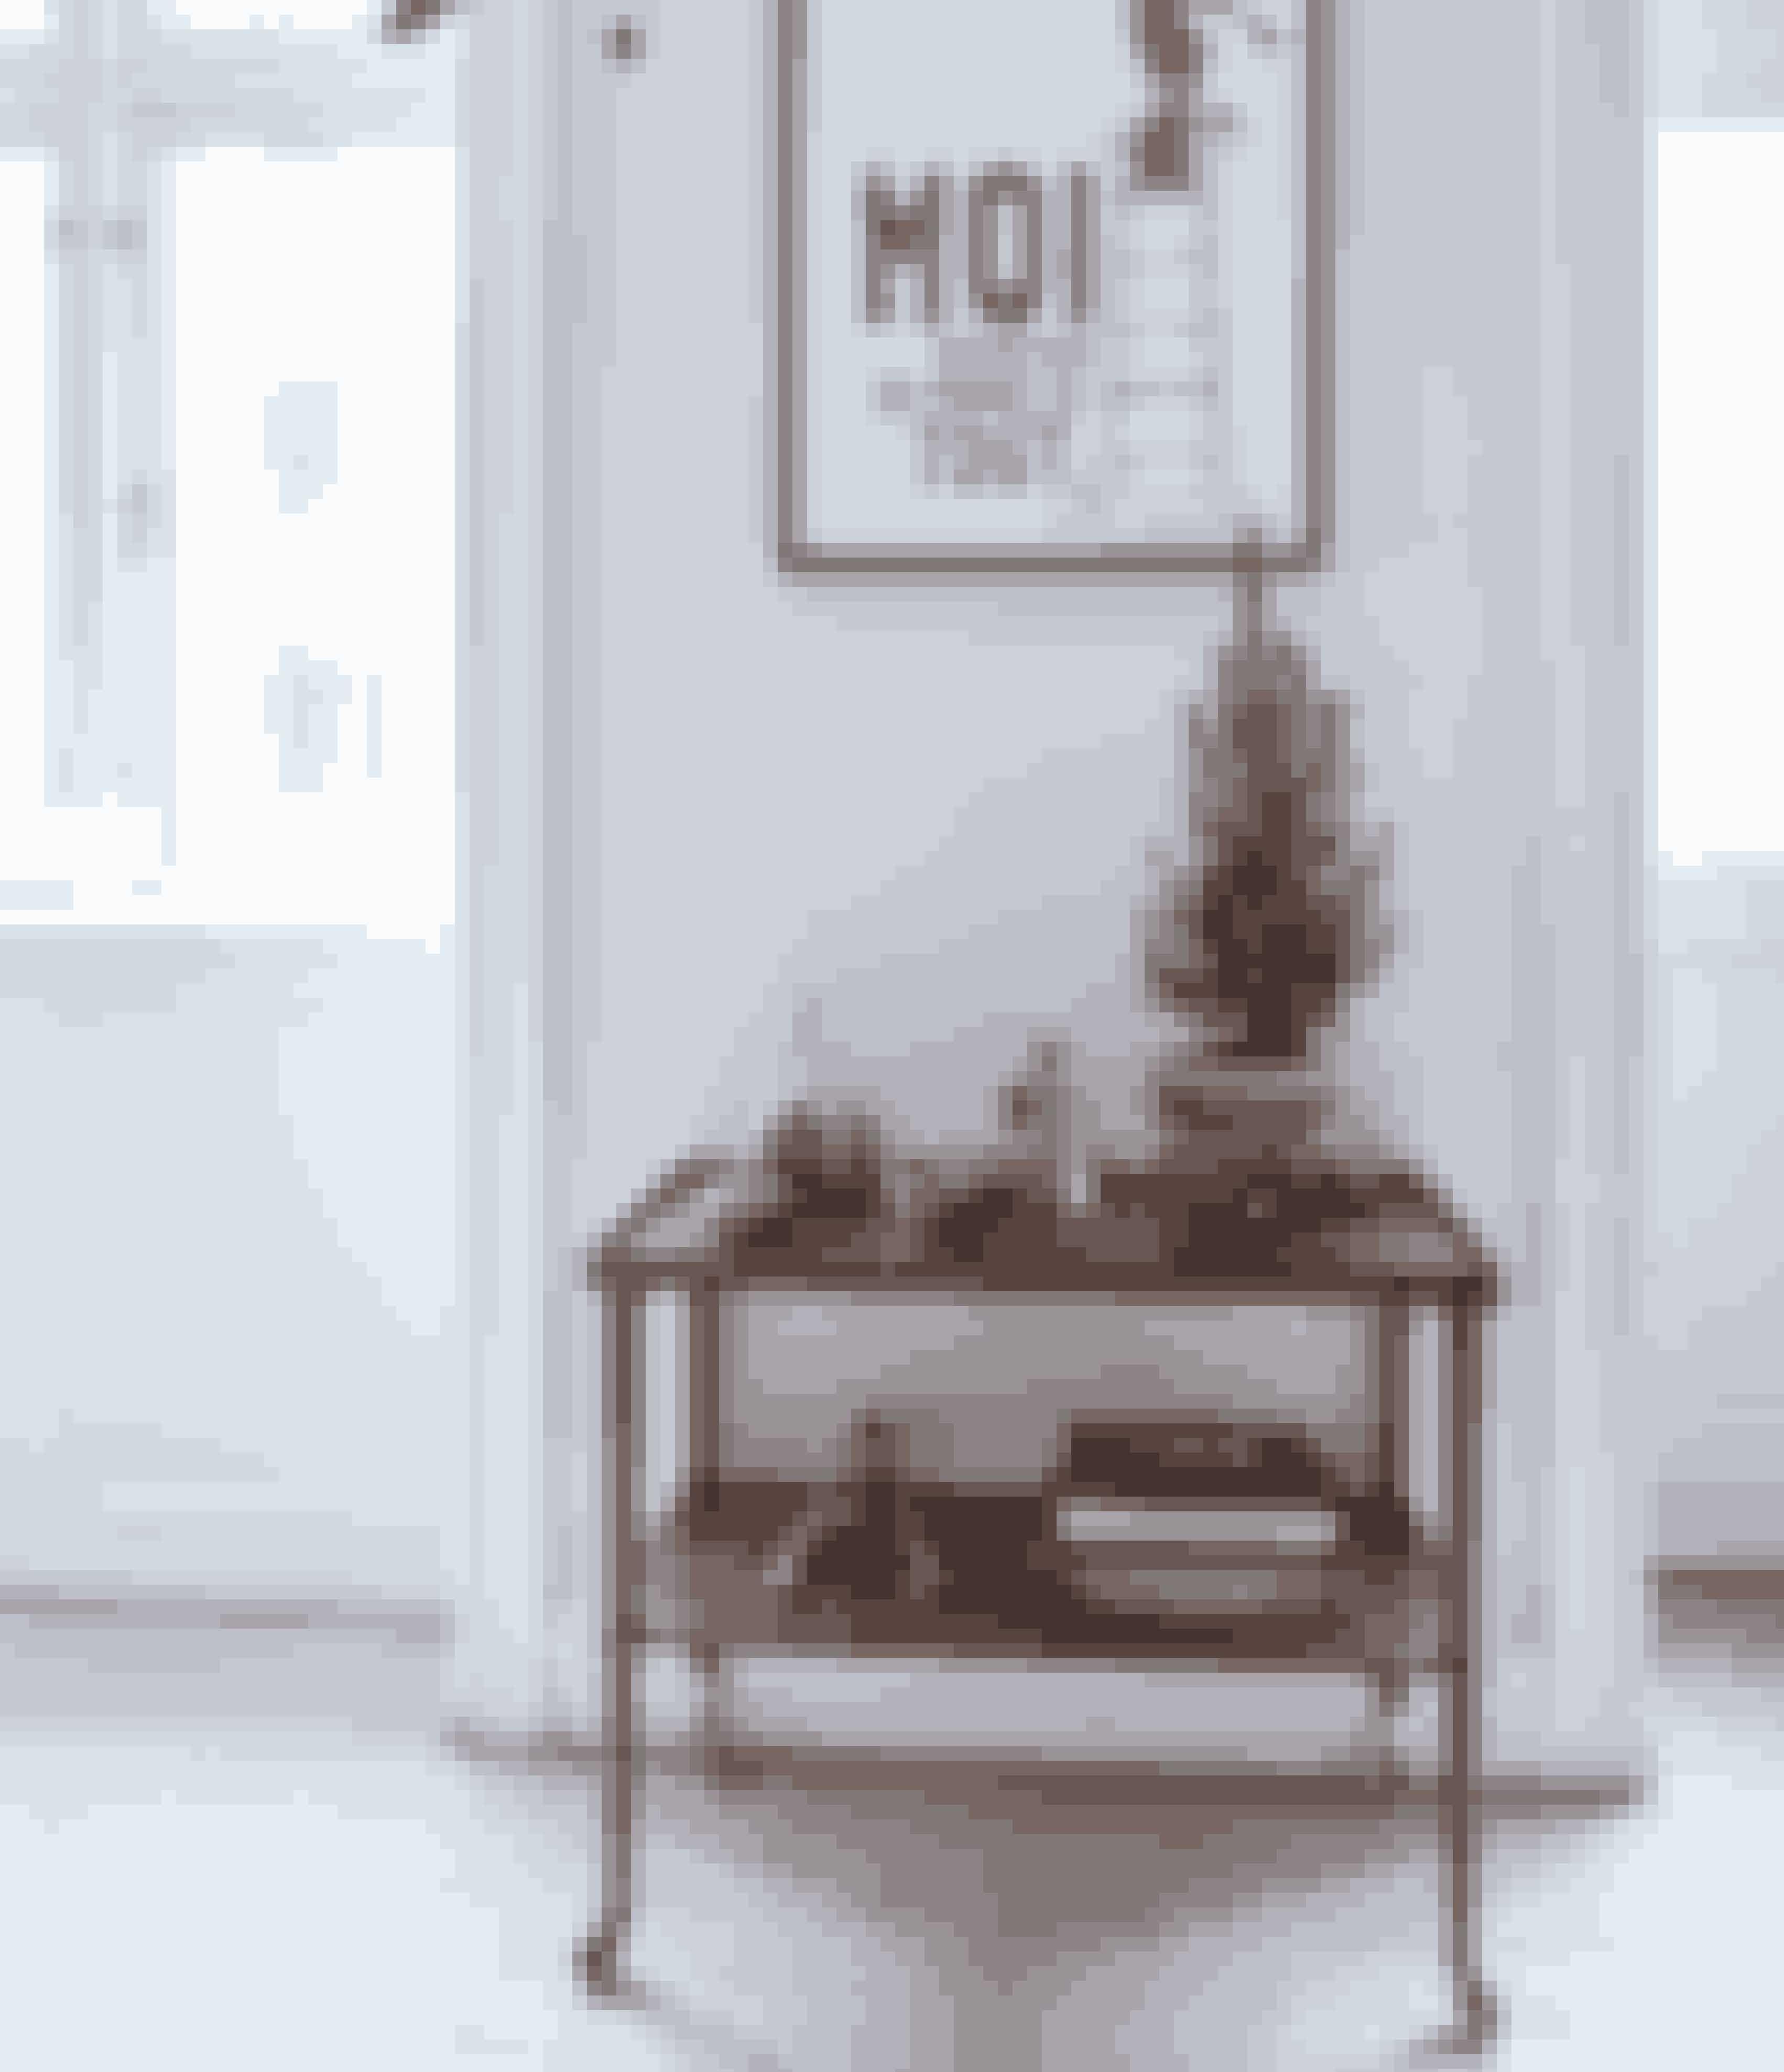 Messing giver en varm tone til boligen sammen med træsorter som teak. Lav små stilleben eller brug messing- og kobberdetaljer til at pifte din bolig op med.